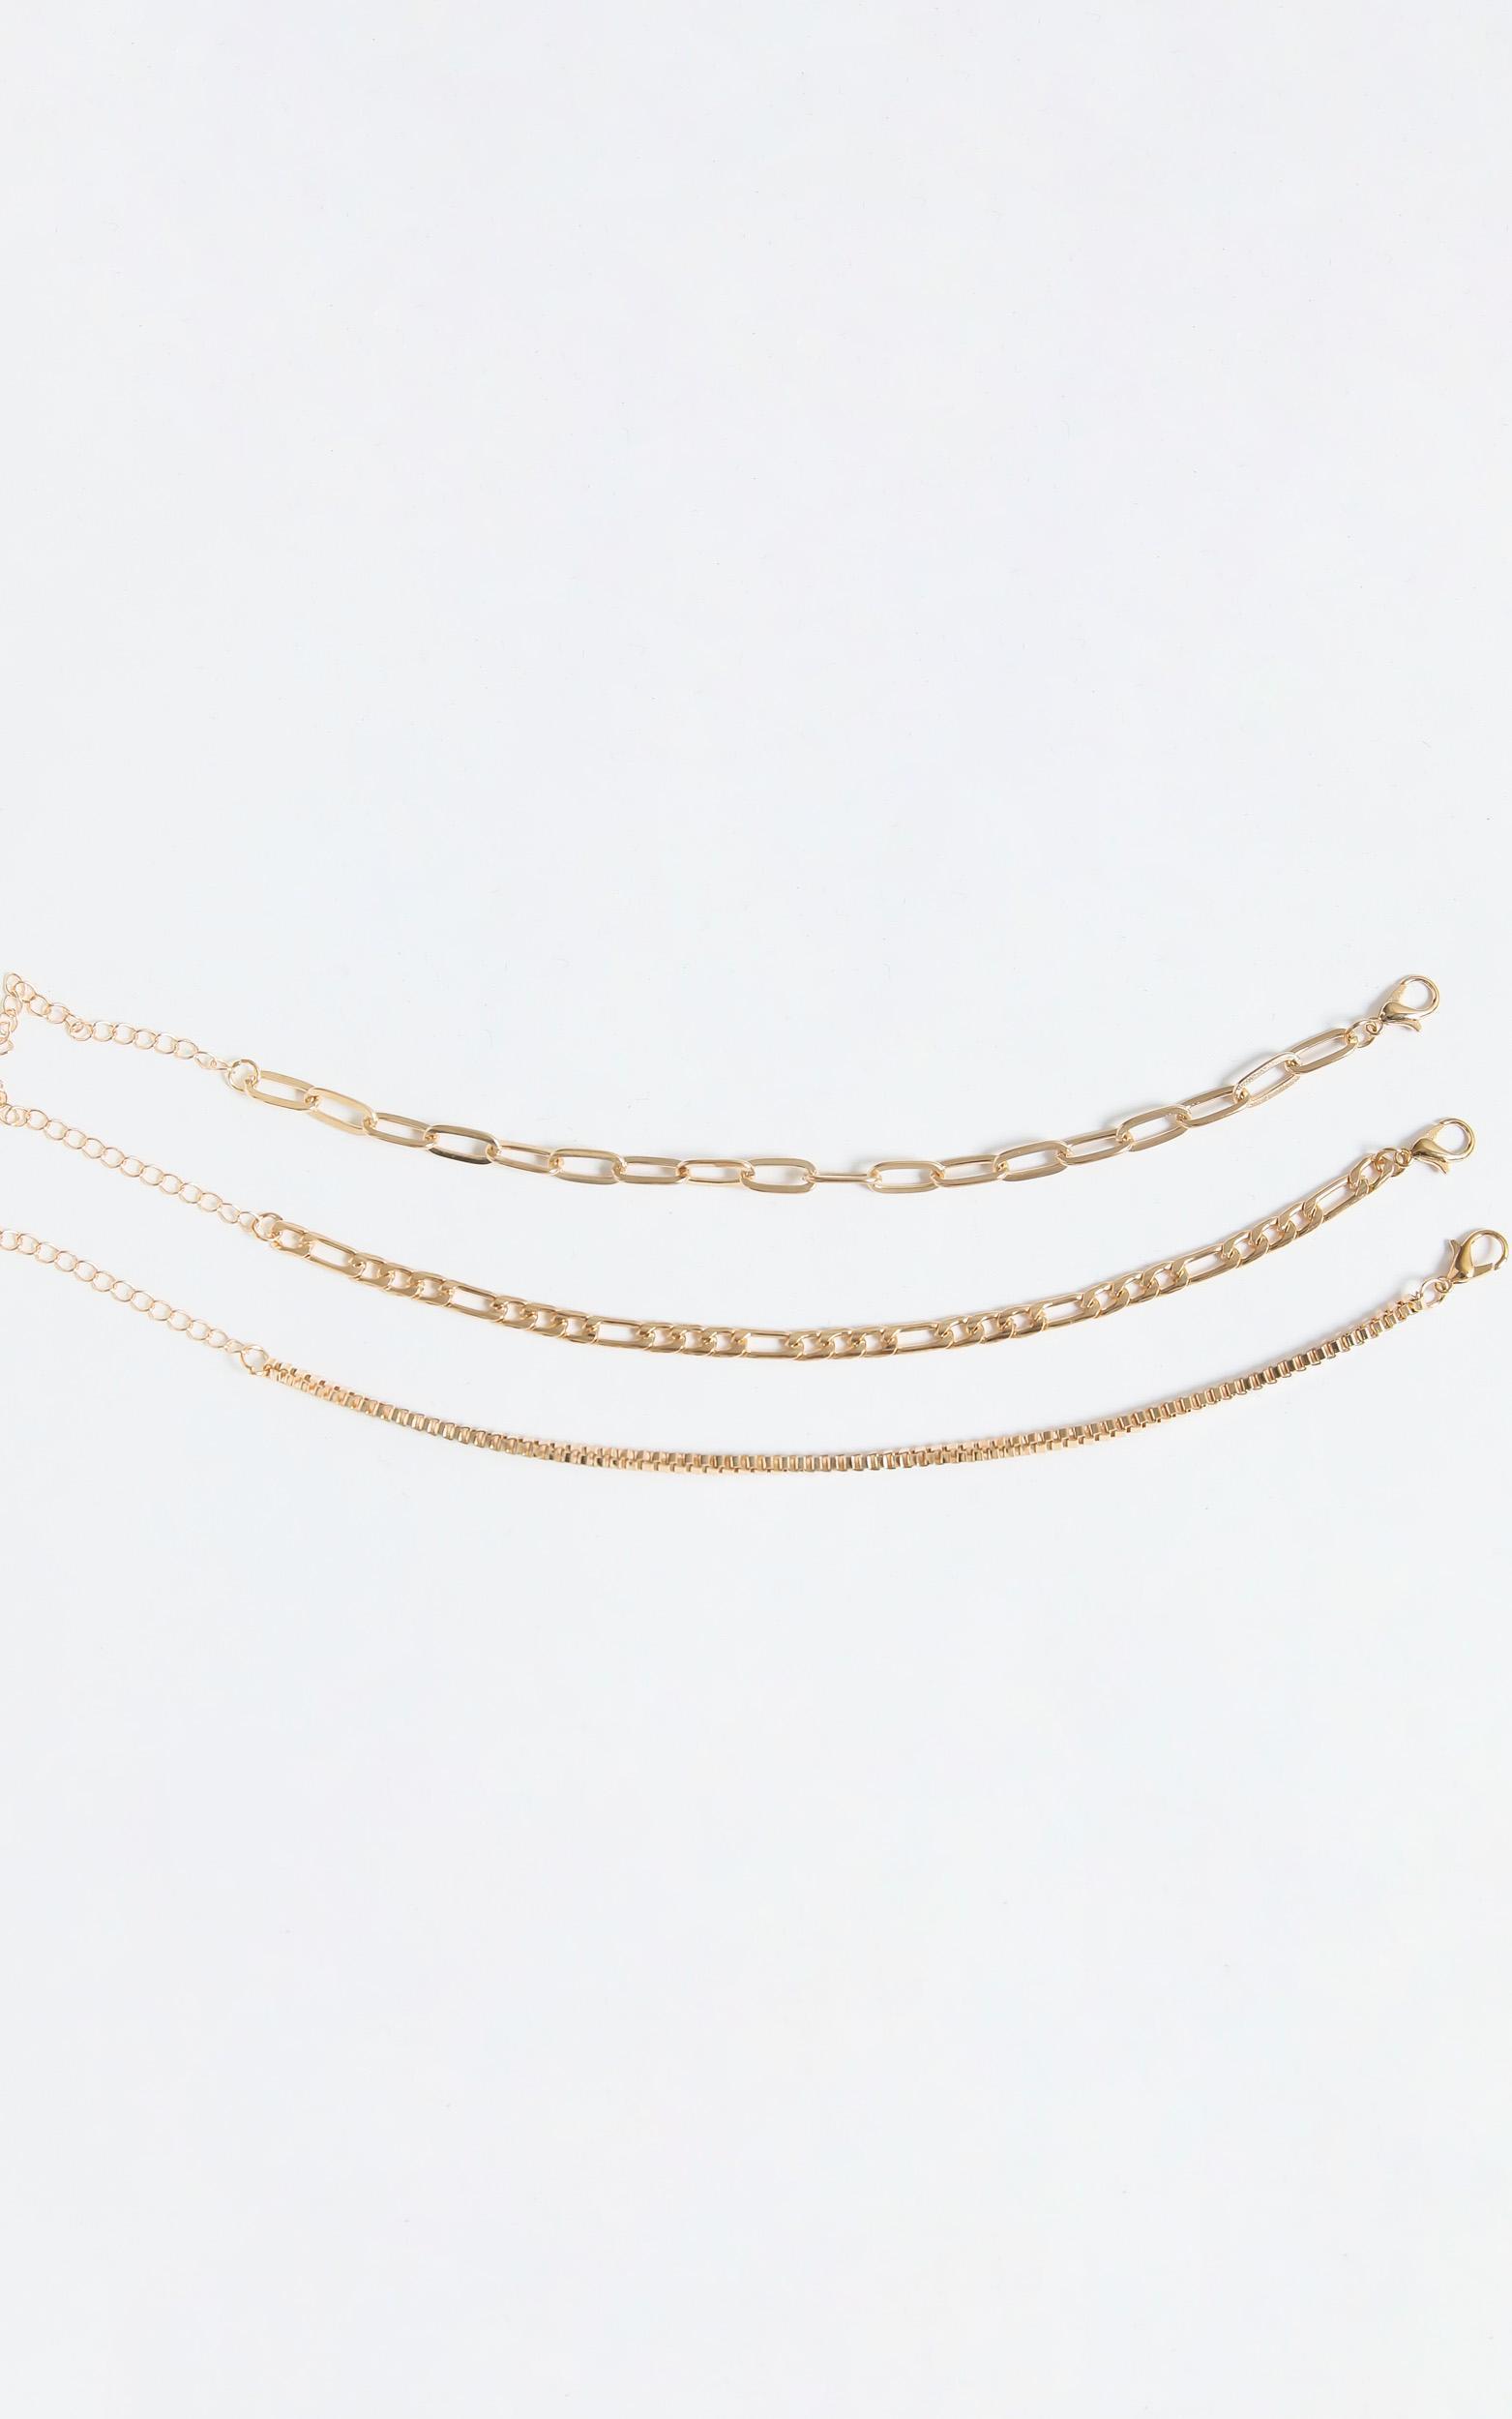 Yolanda Bracelet Set in Gold, , hi-res image number null